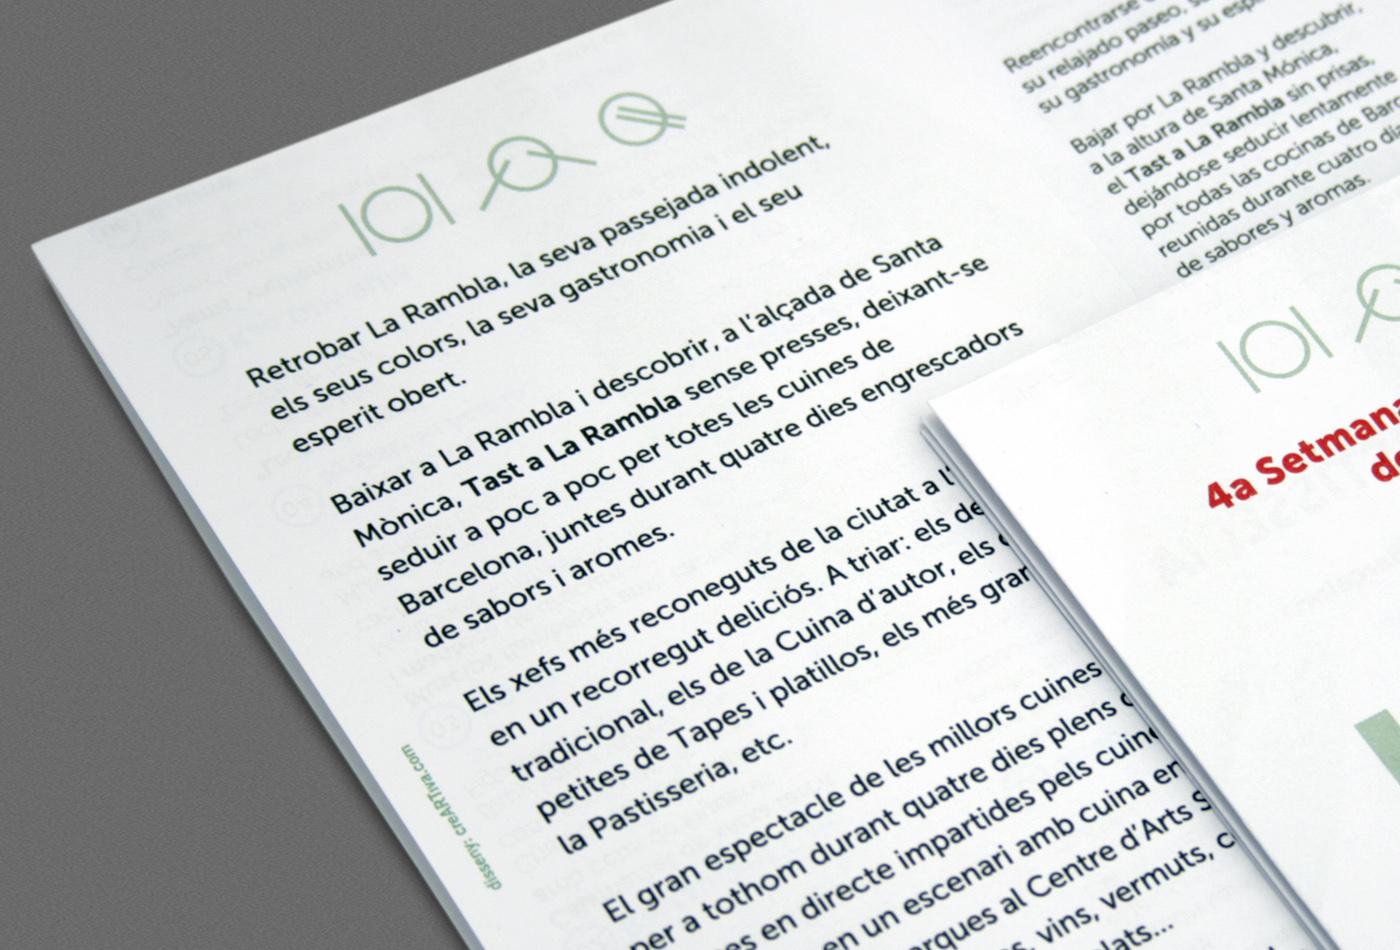 folleto-tastalarambla2017-04